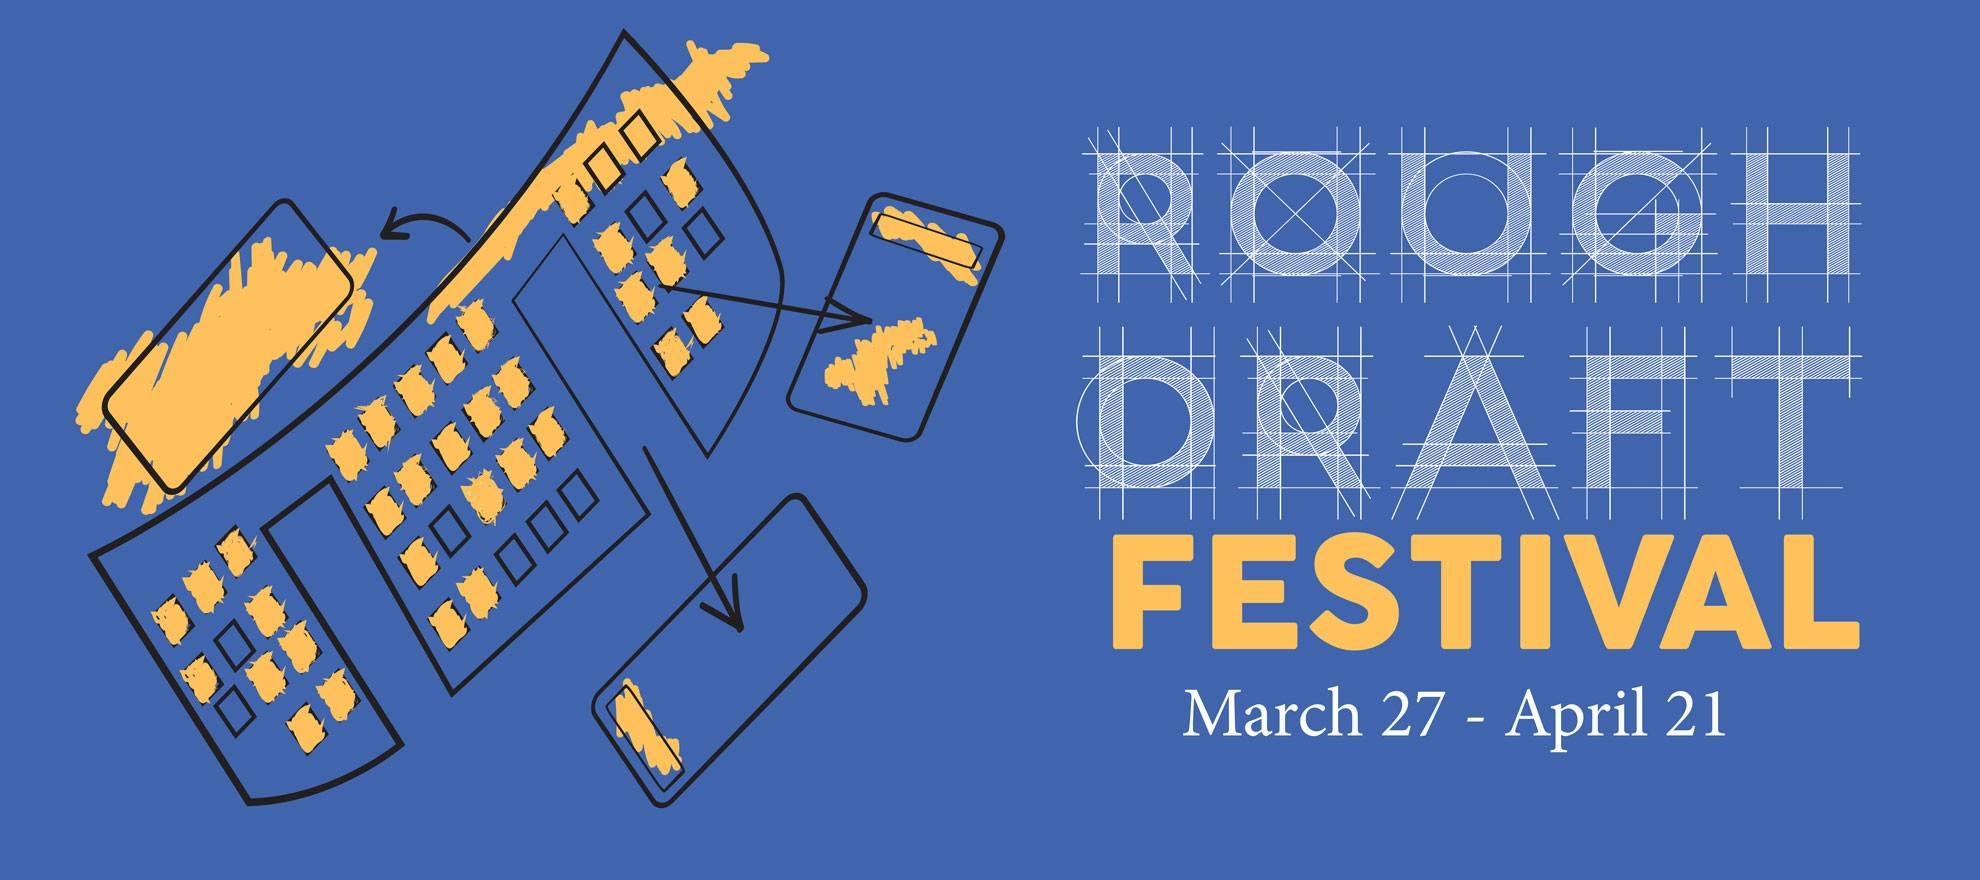 Rough Draft Festival 2018.jpg